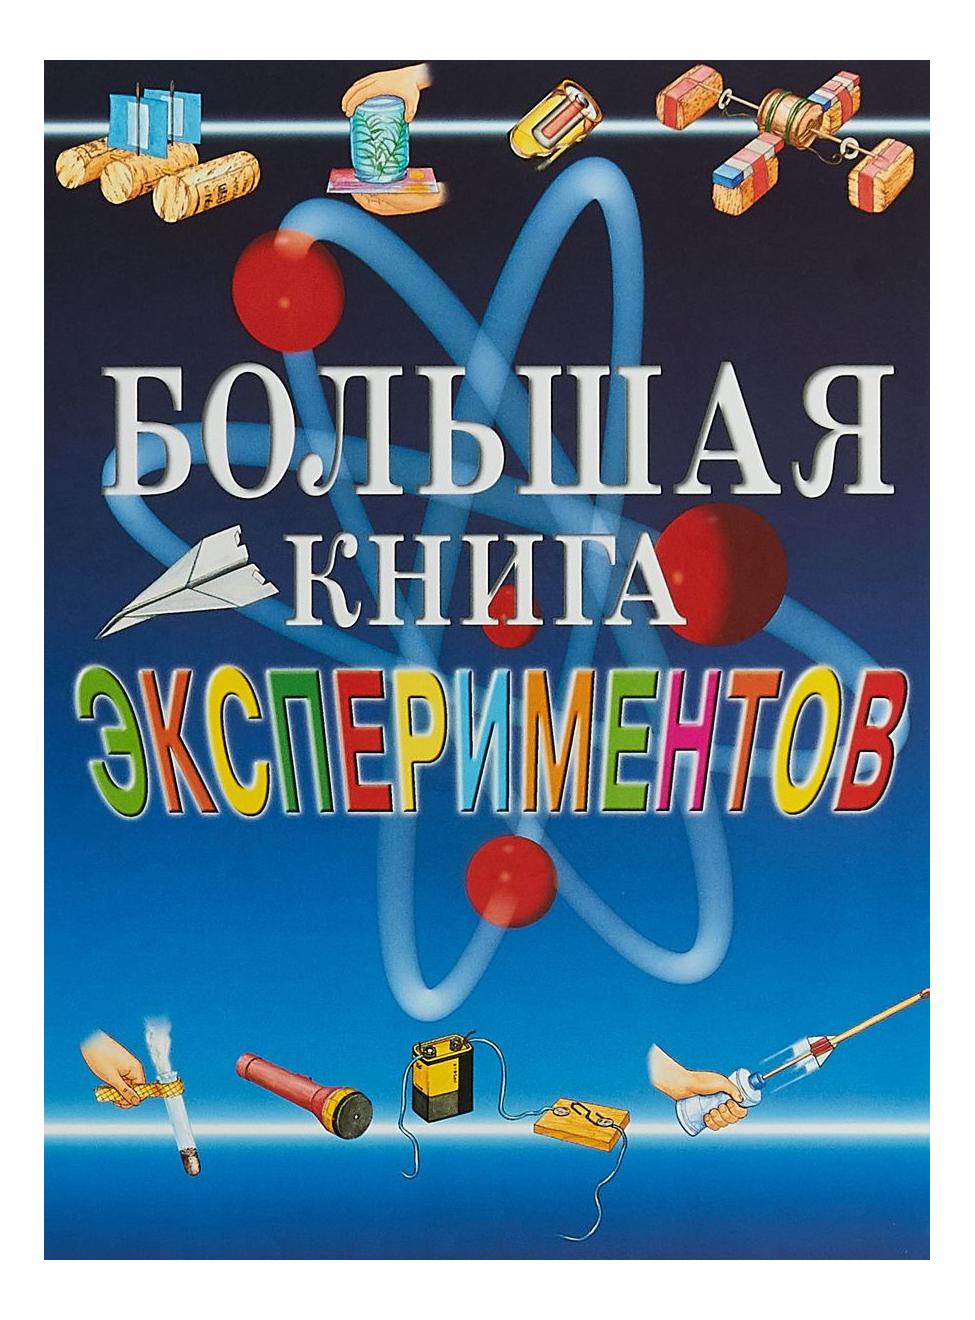 Большая книга Экспериментов для Школьников фото